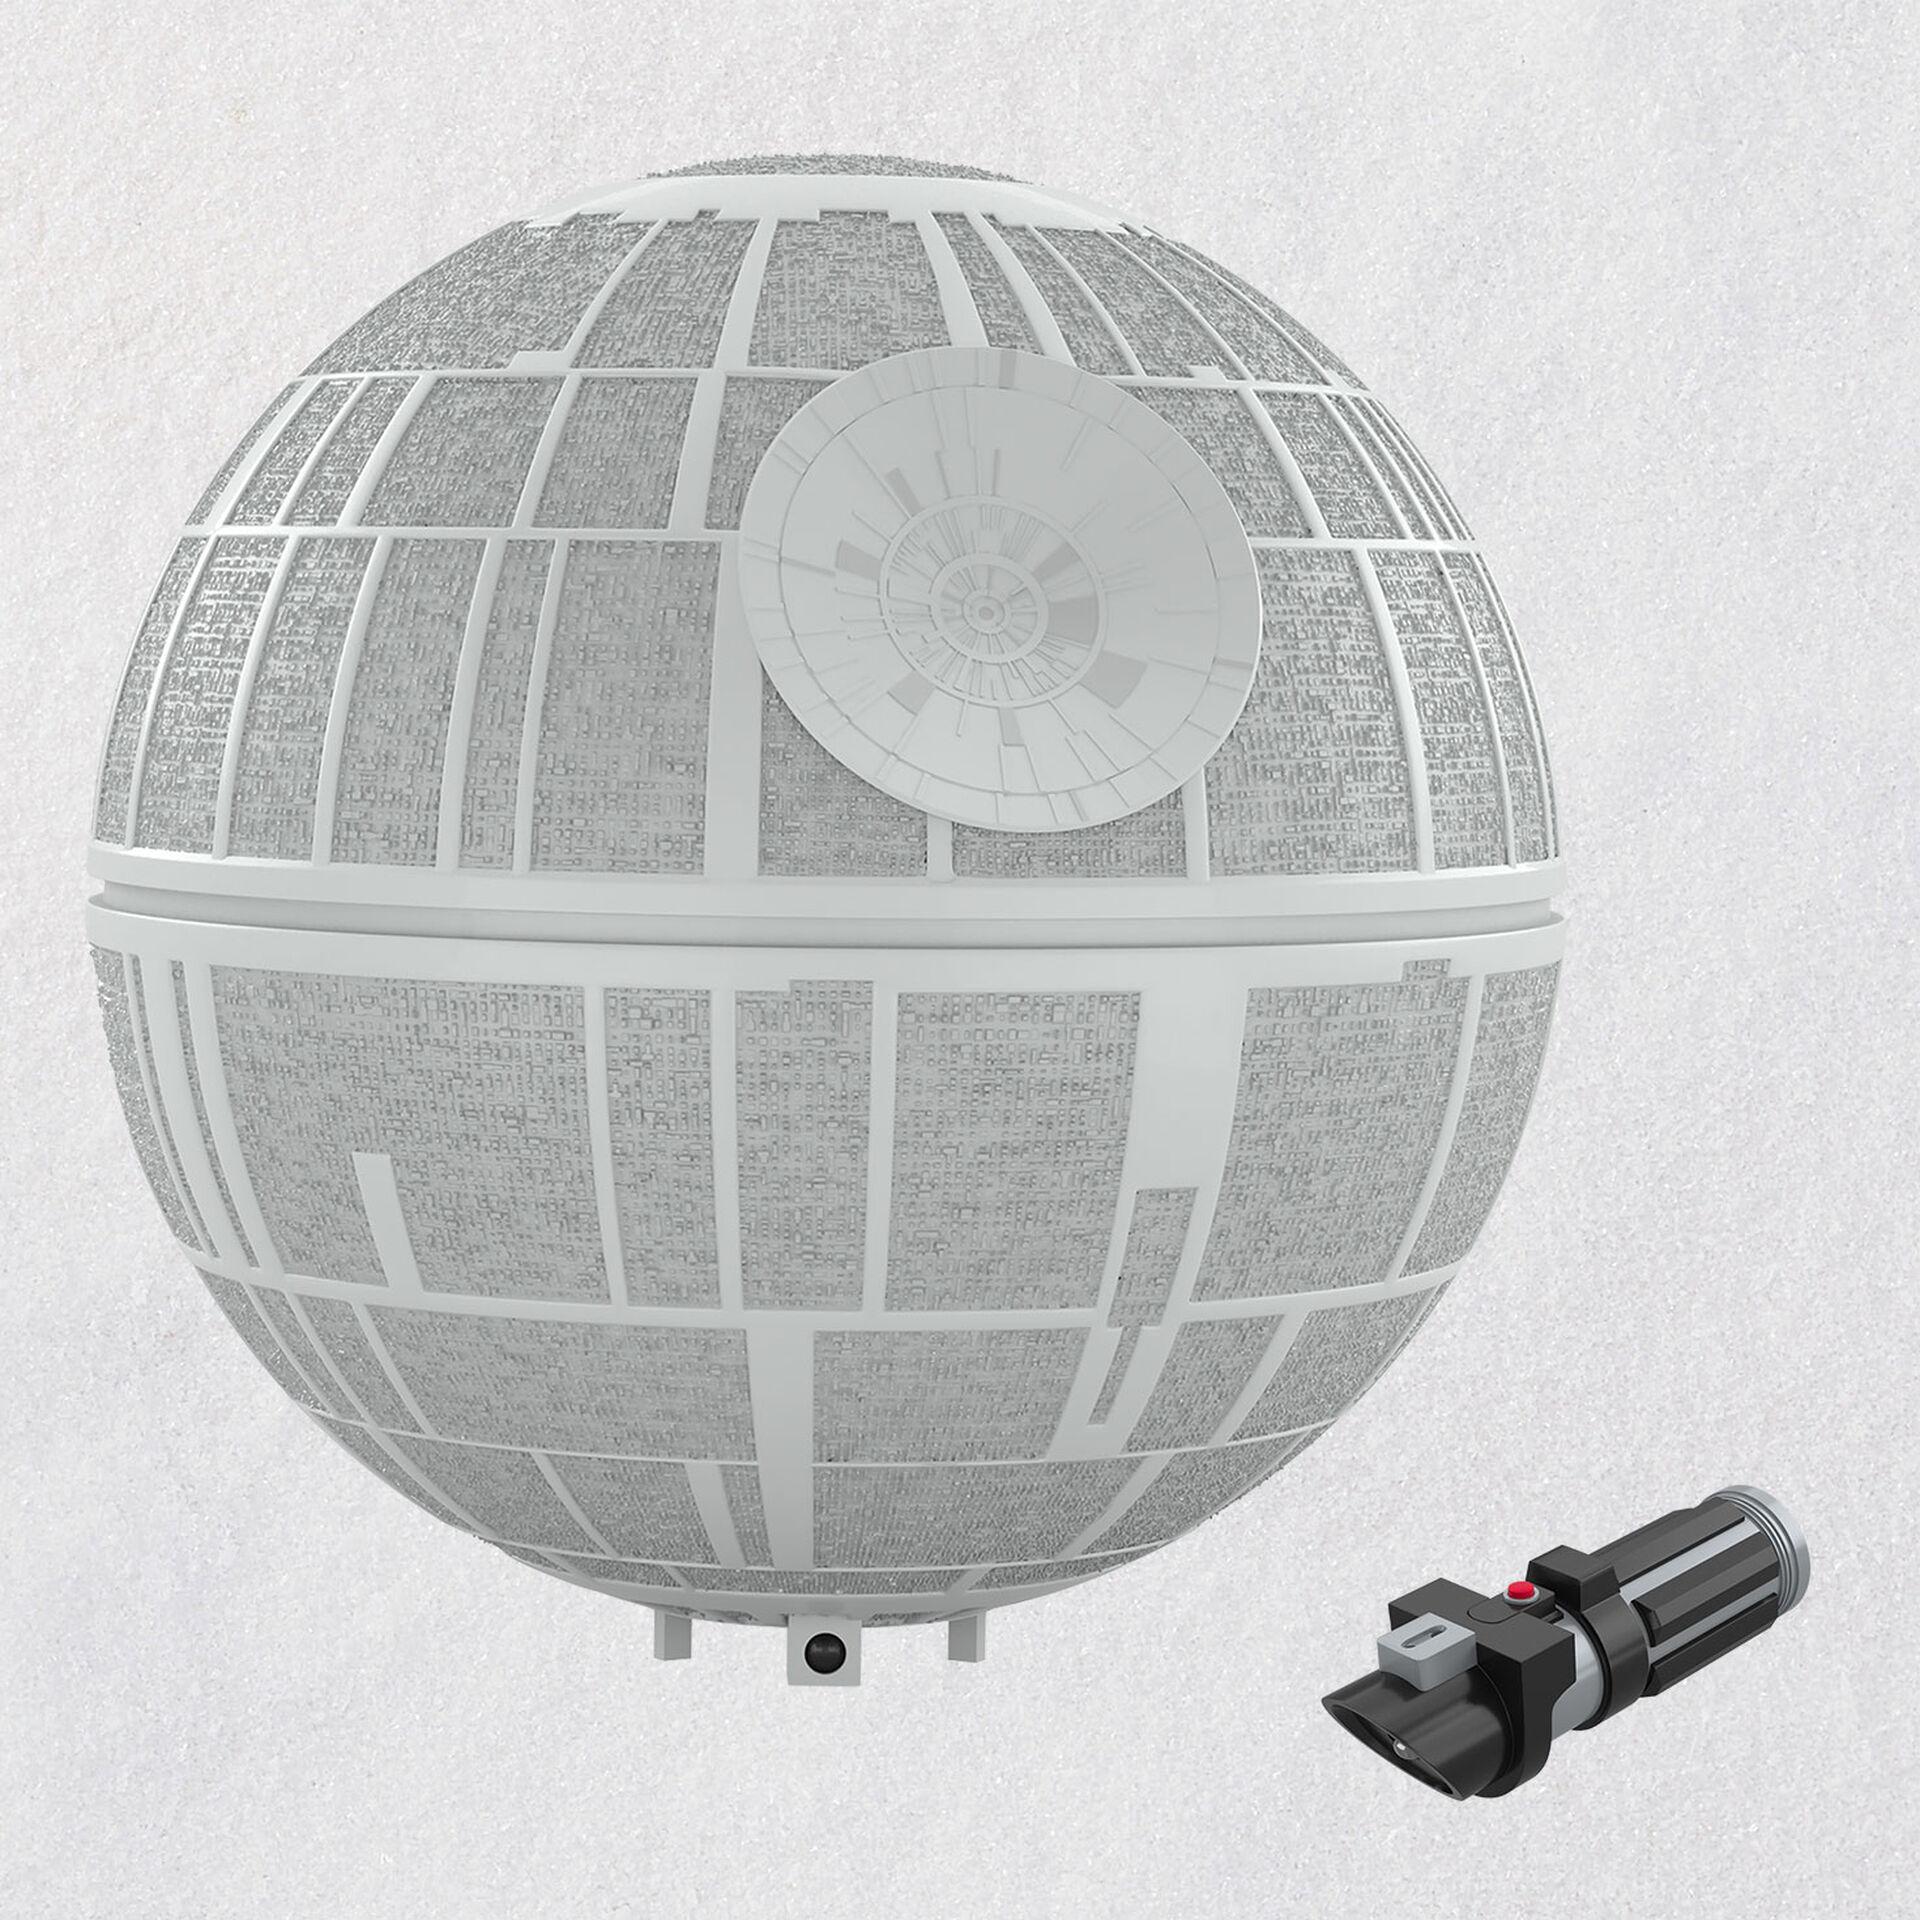 Hallmark Keepsake ornaments for 2021 - Collectors Cantina.com